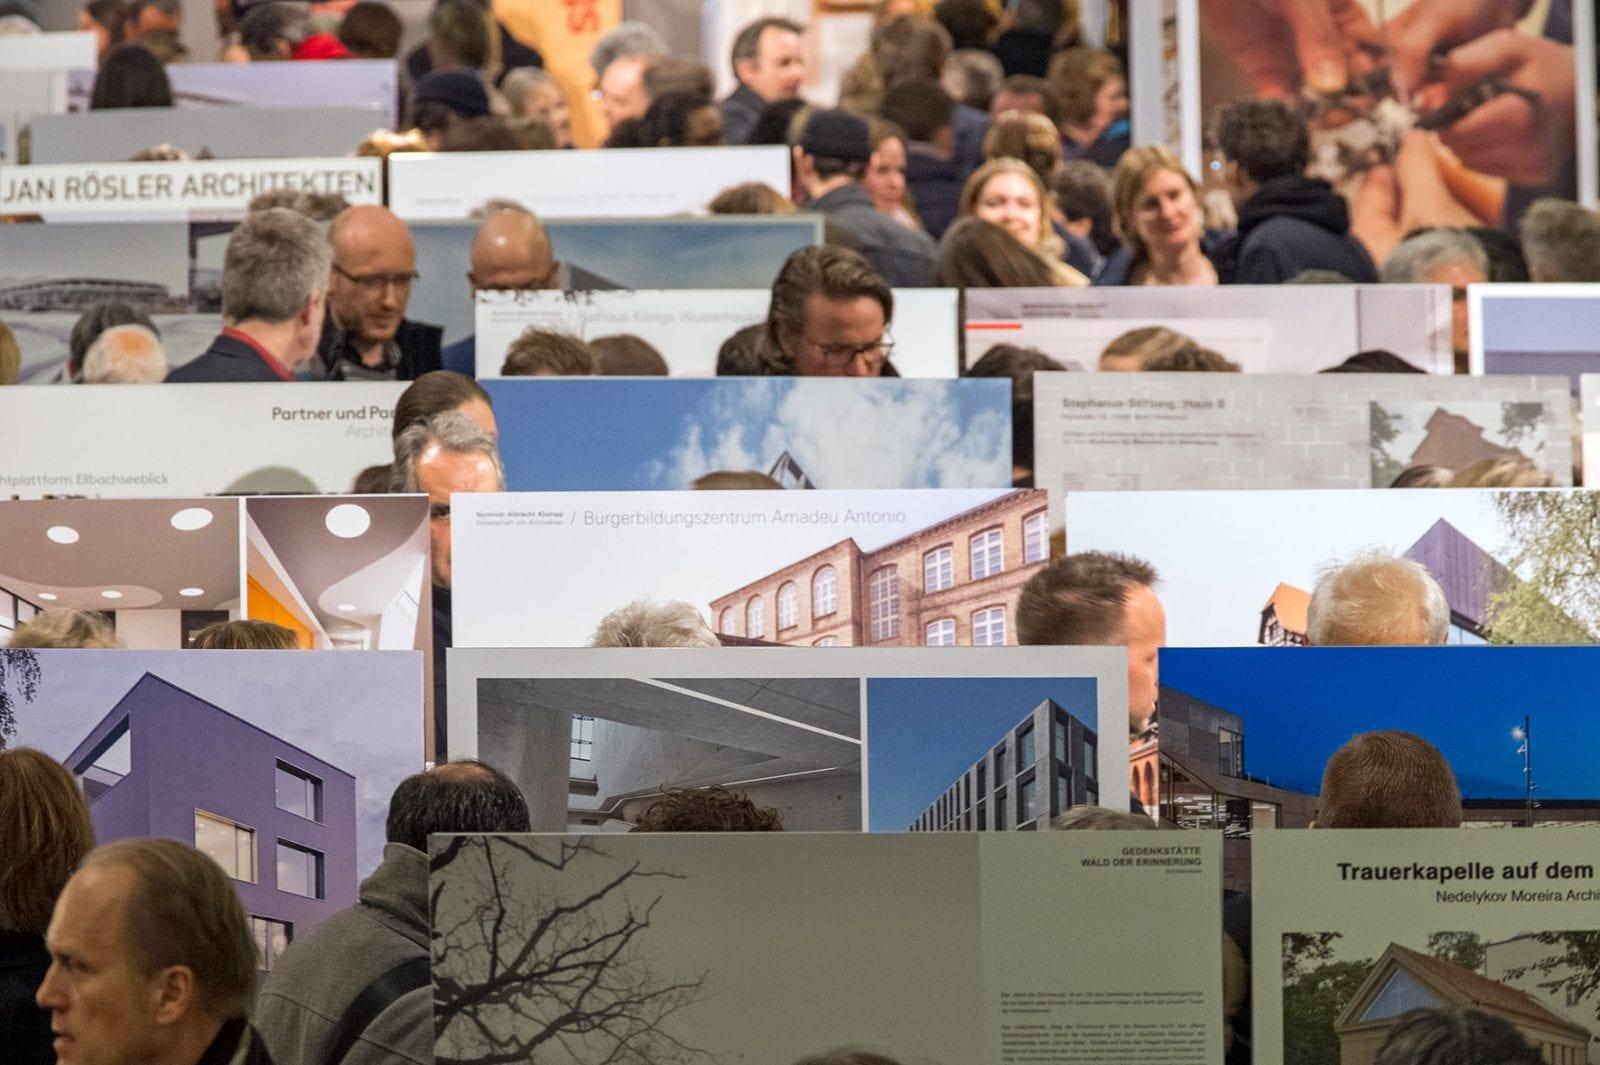 Da Architektur In Und Aus Berlin Jahresausstellung Architektenkammer